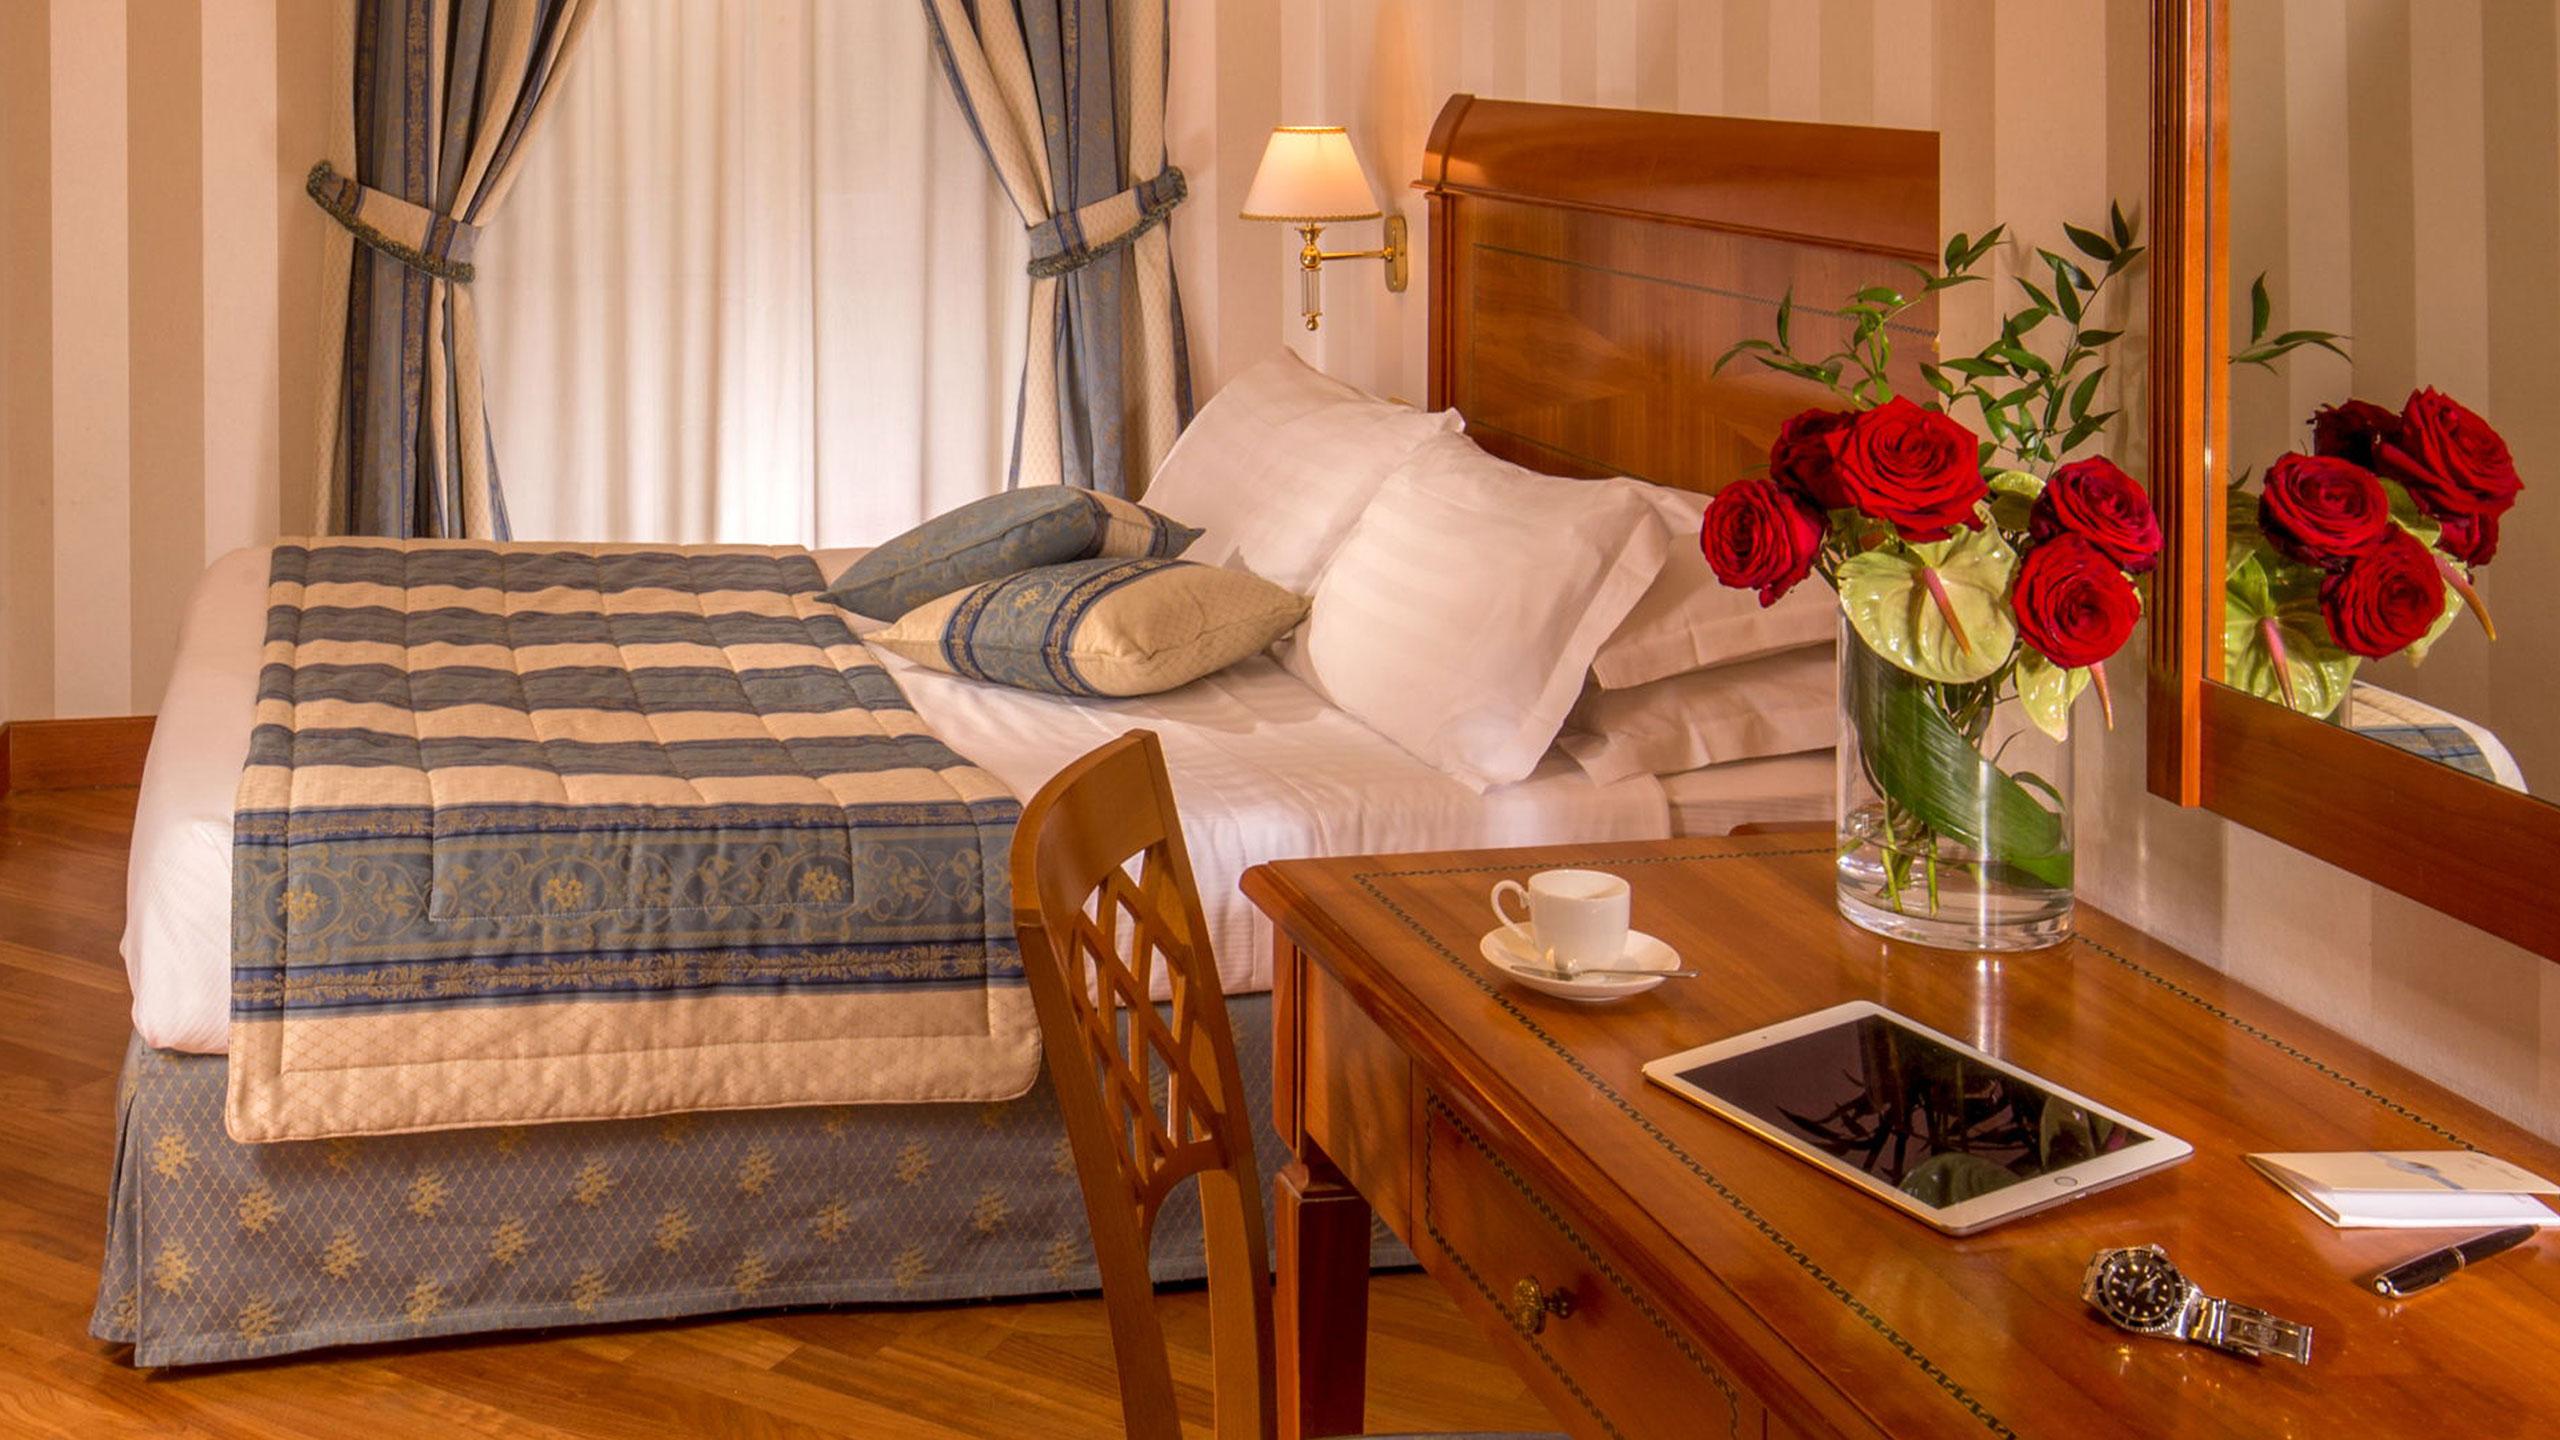 albergo-ottocento-rome-double-room-classic-03